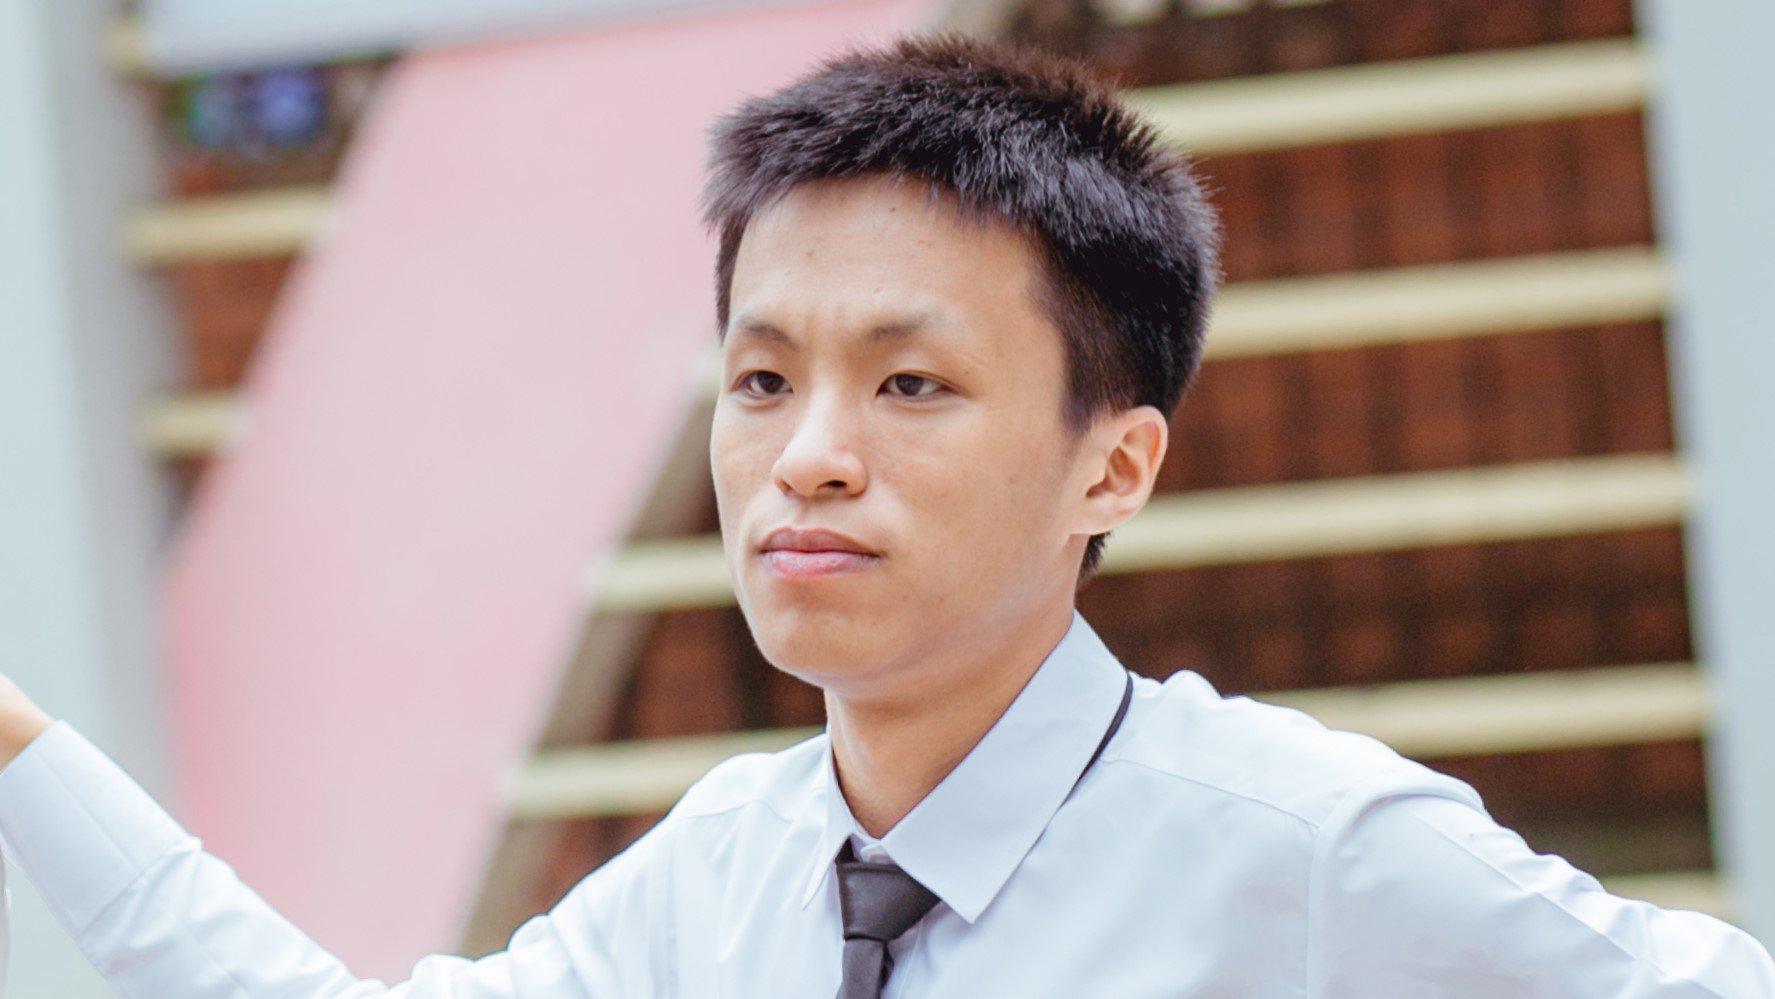 Vương Xuân Hoàng (tỉnh Bắc Ninh) trở thành thí sinh có tổng điểm 3 môn khối A cao nhất cả nước với 29,05 điểm.